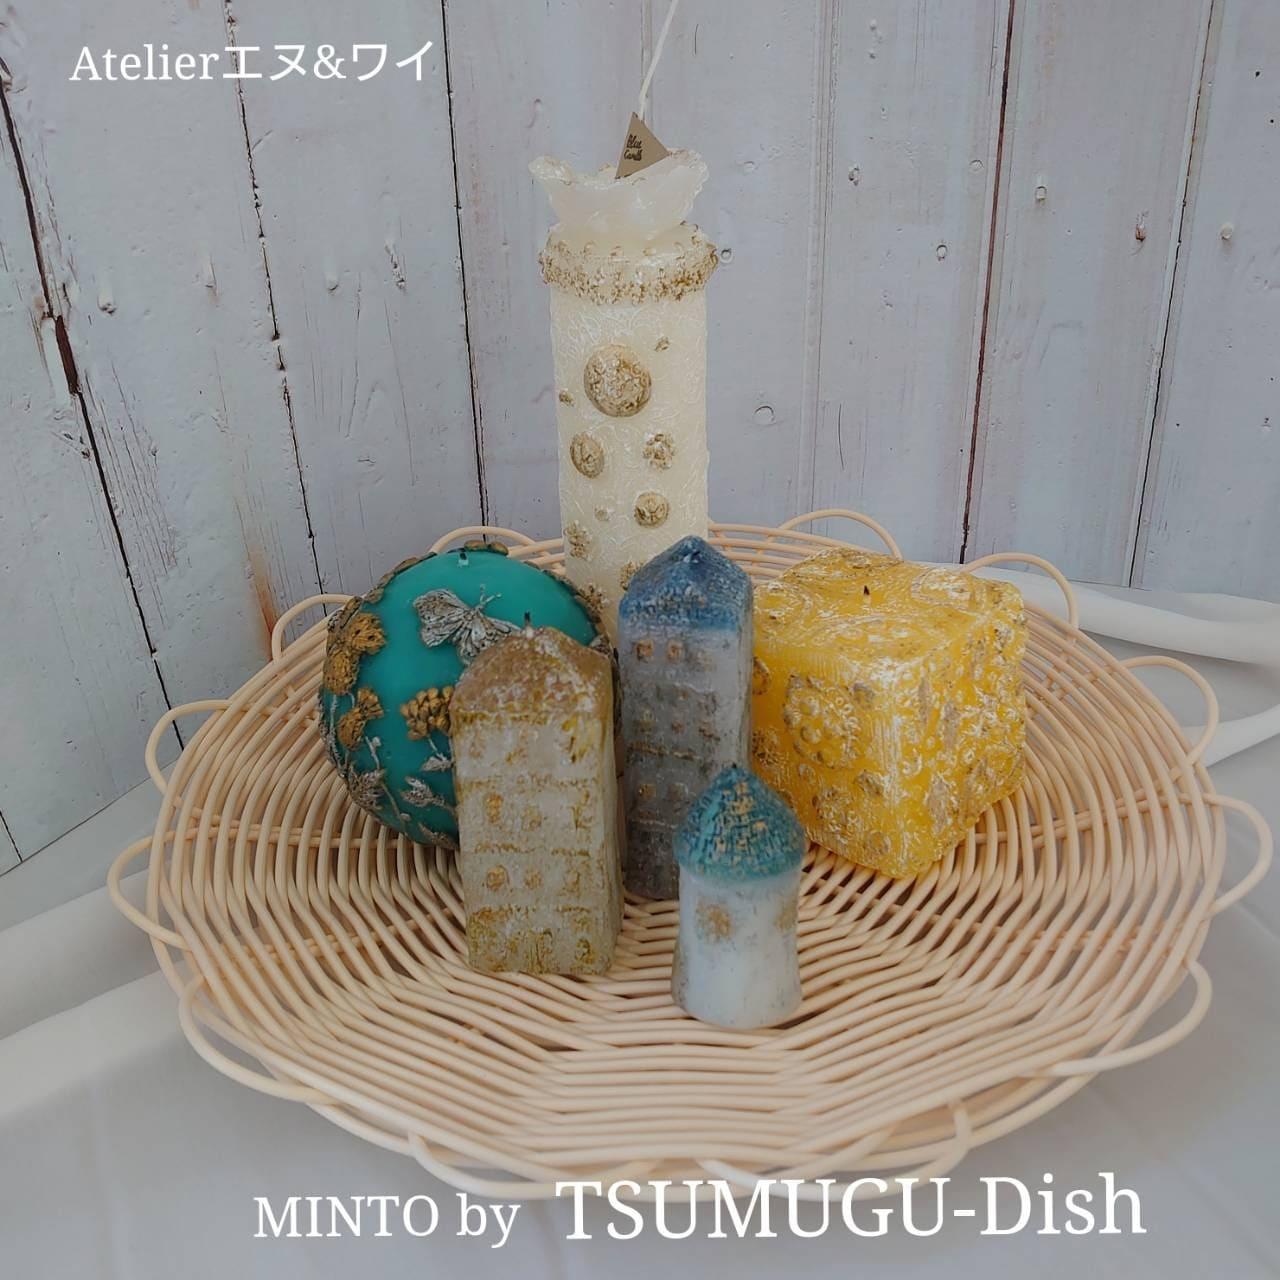 対面レッスン付き 編むアンダープレート【Tsumugu〜dish〜】 by MINTO オンライン要ご相談のイメージその6